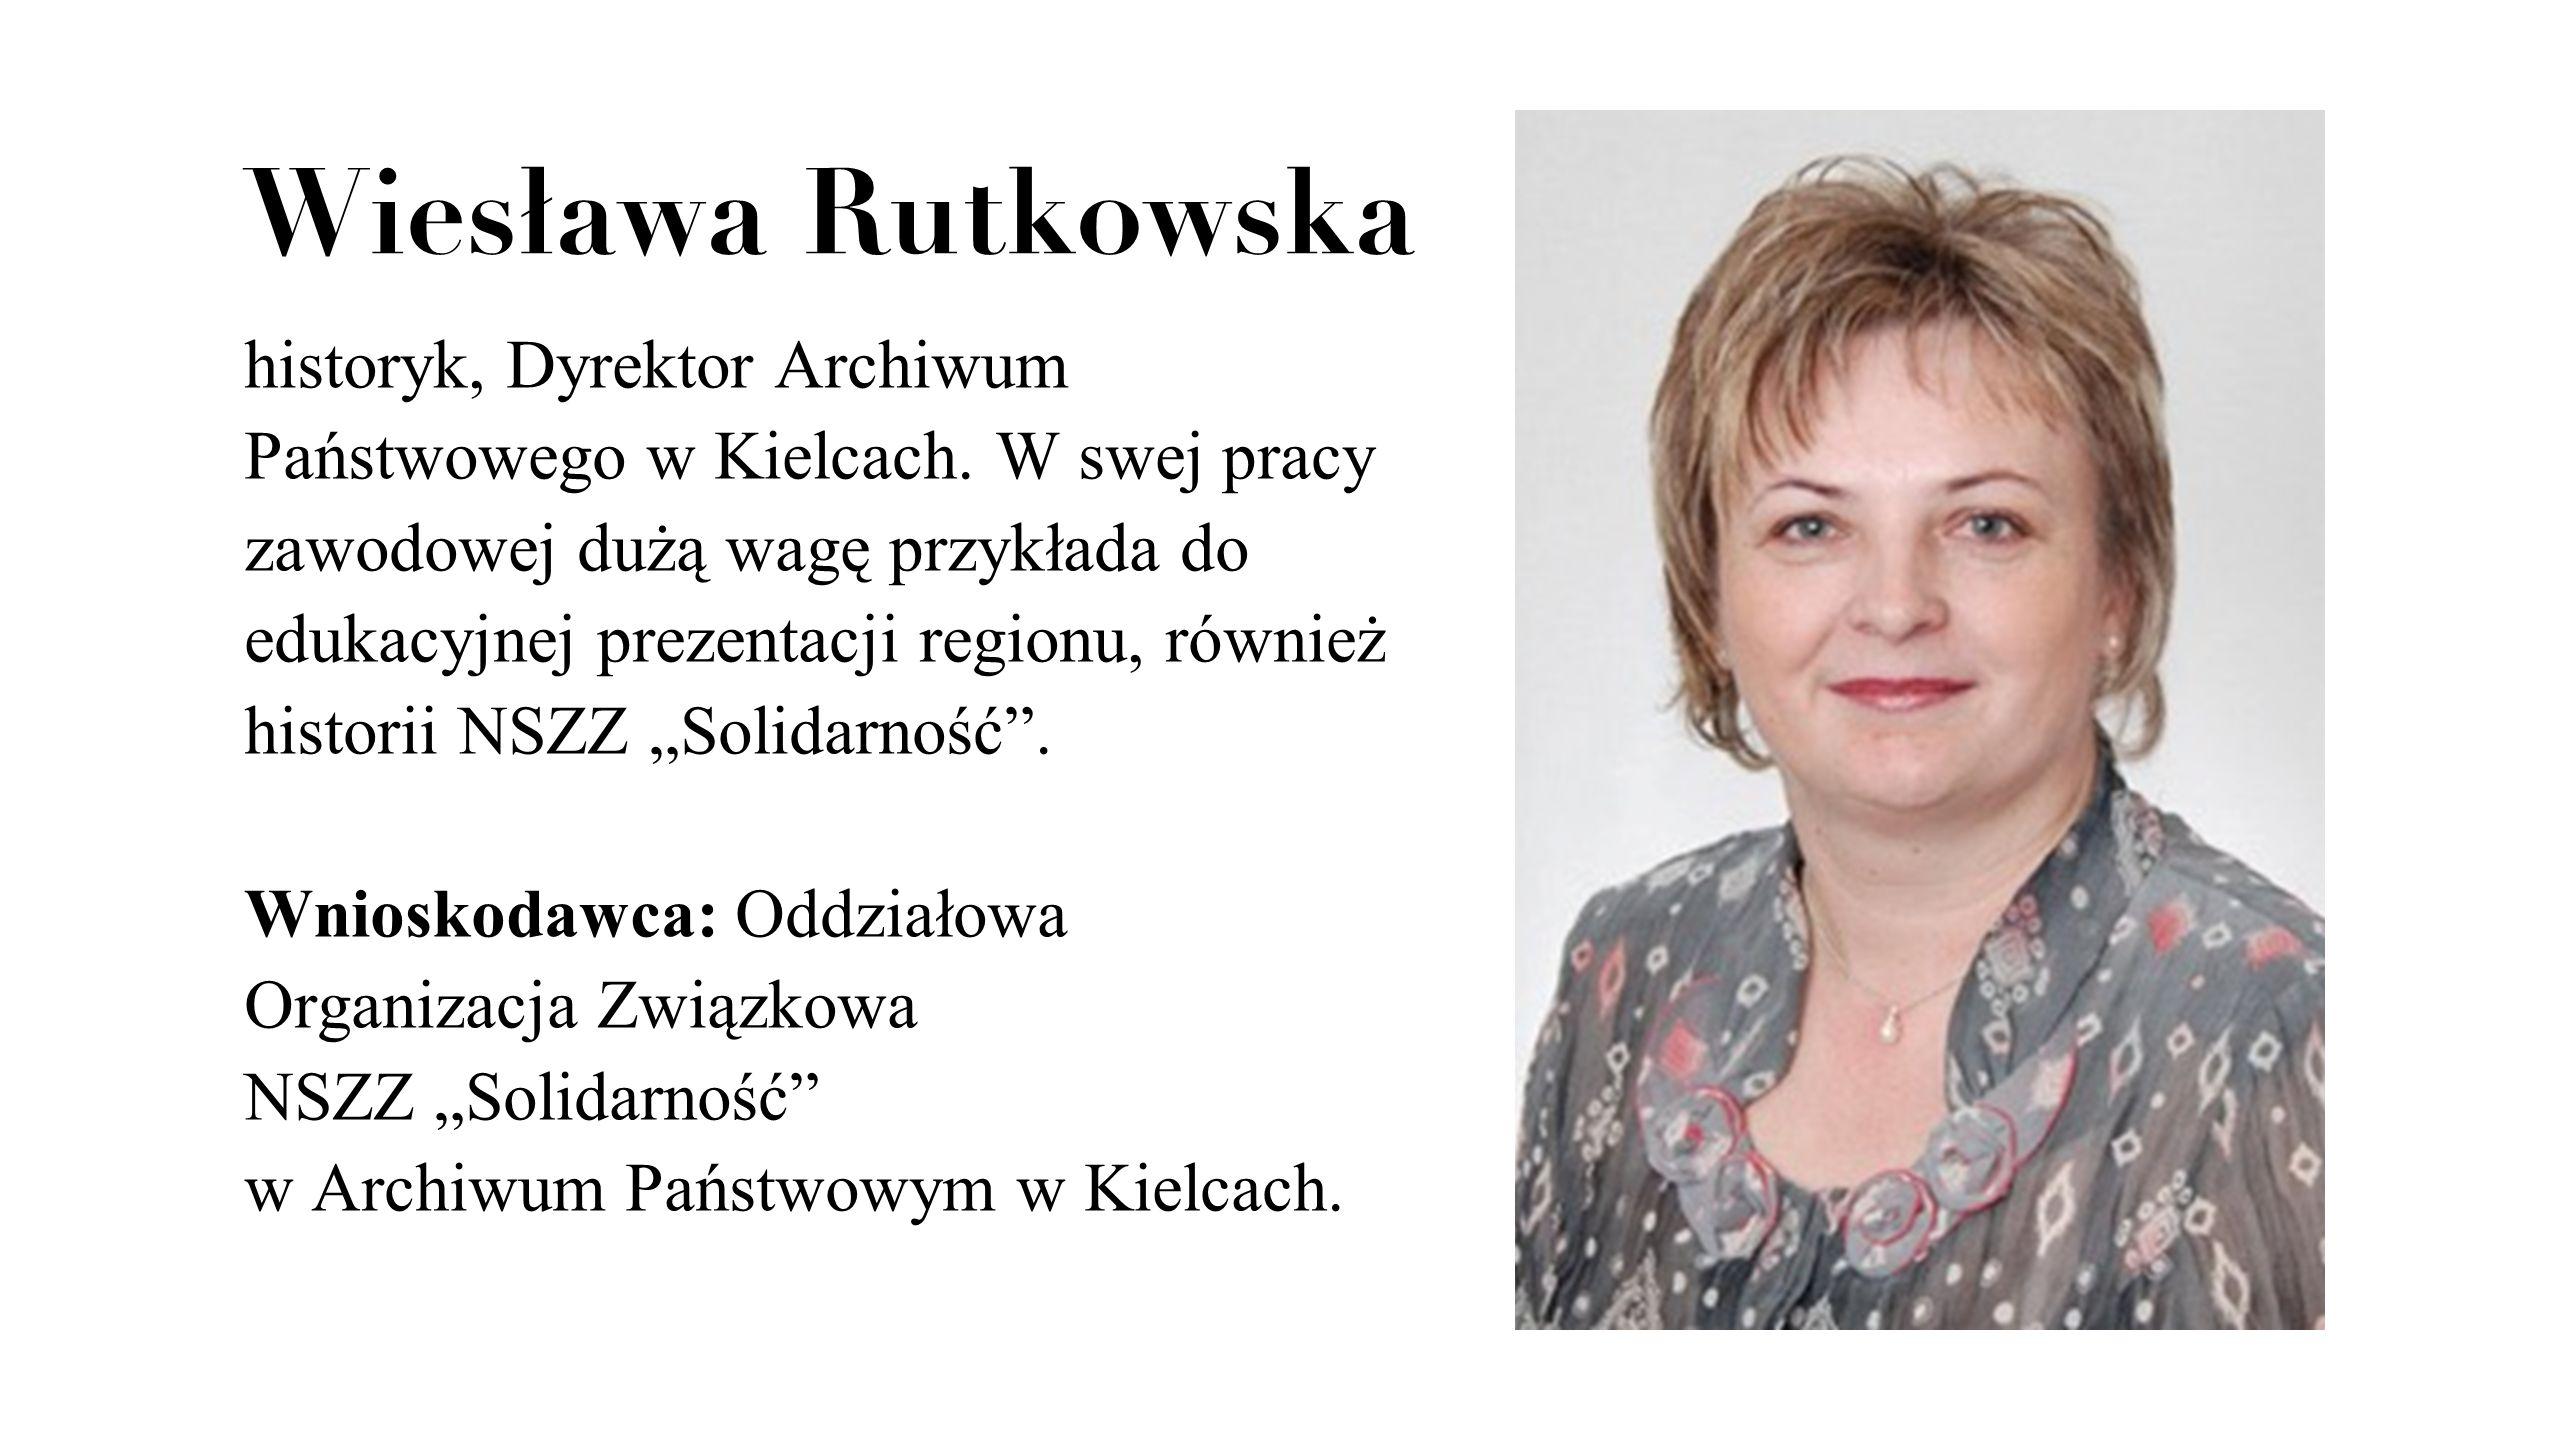 Wiesława Rutkowska historyk, Dyrektor Archiwum Państwowego w Kielcach. W swej pracy zawodowej dużą wagę przykłada do edukacyjnej prezentacji regionu,